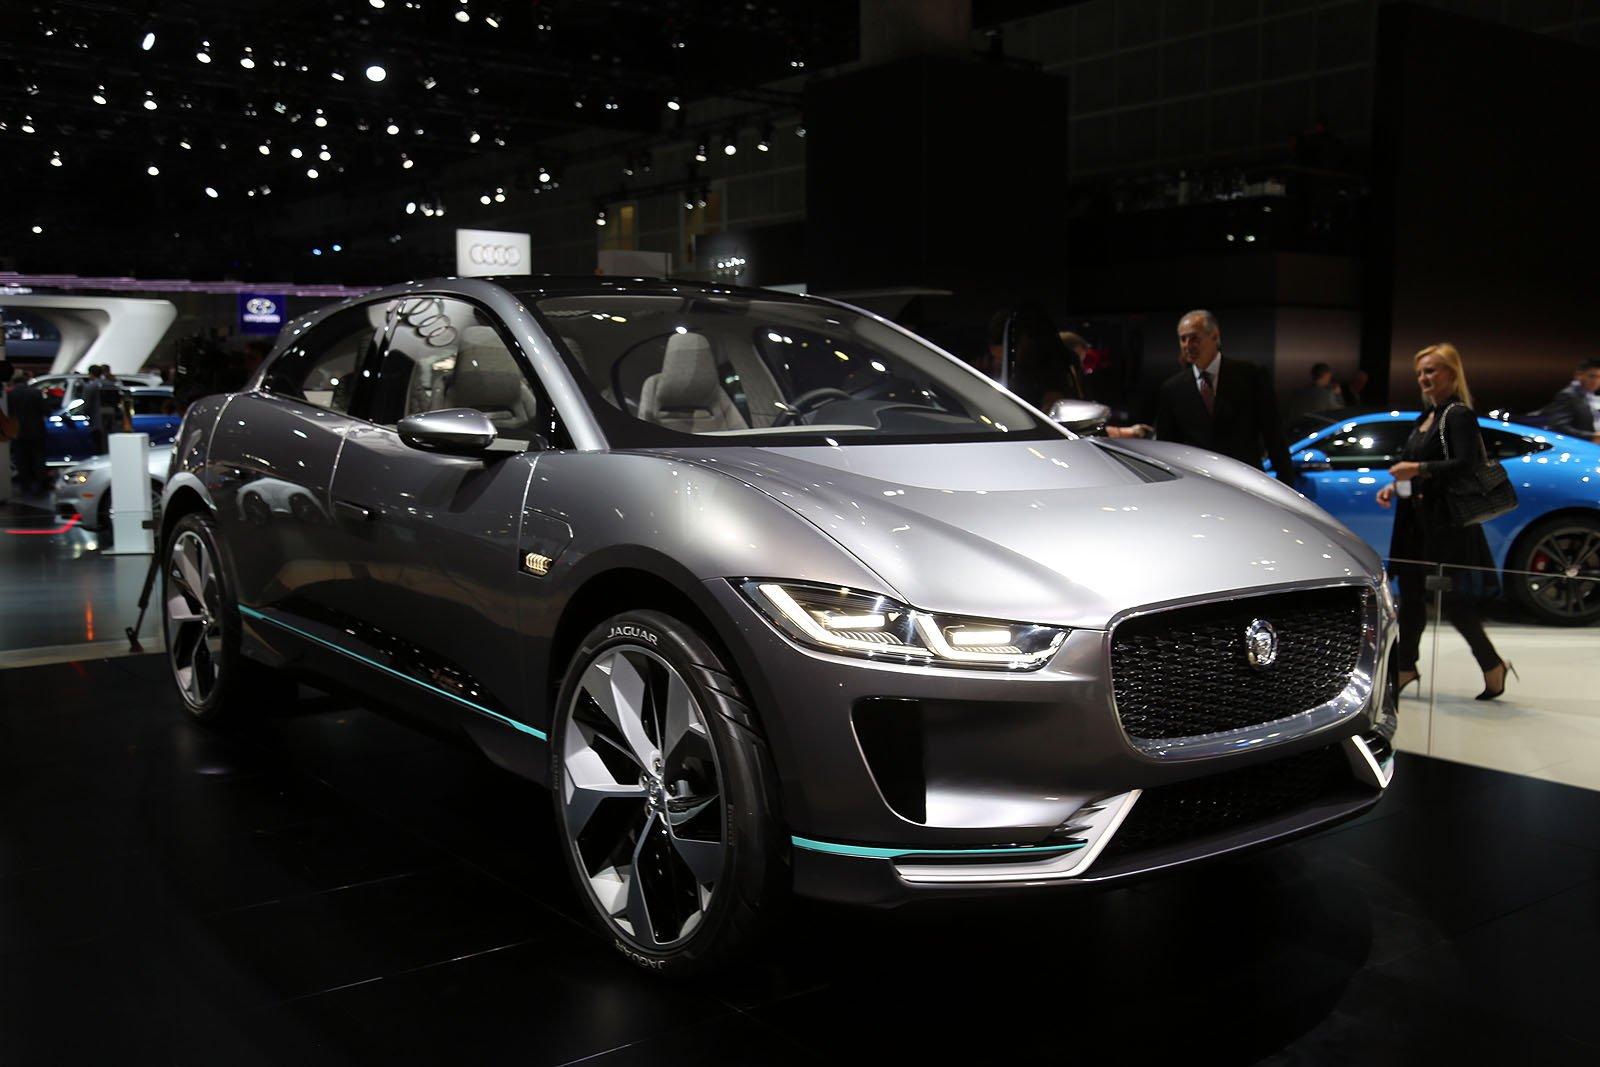 2018-jaguar-i-pace-concept-01-1